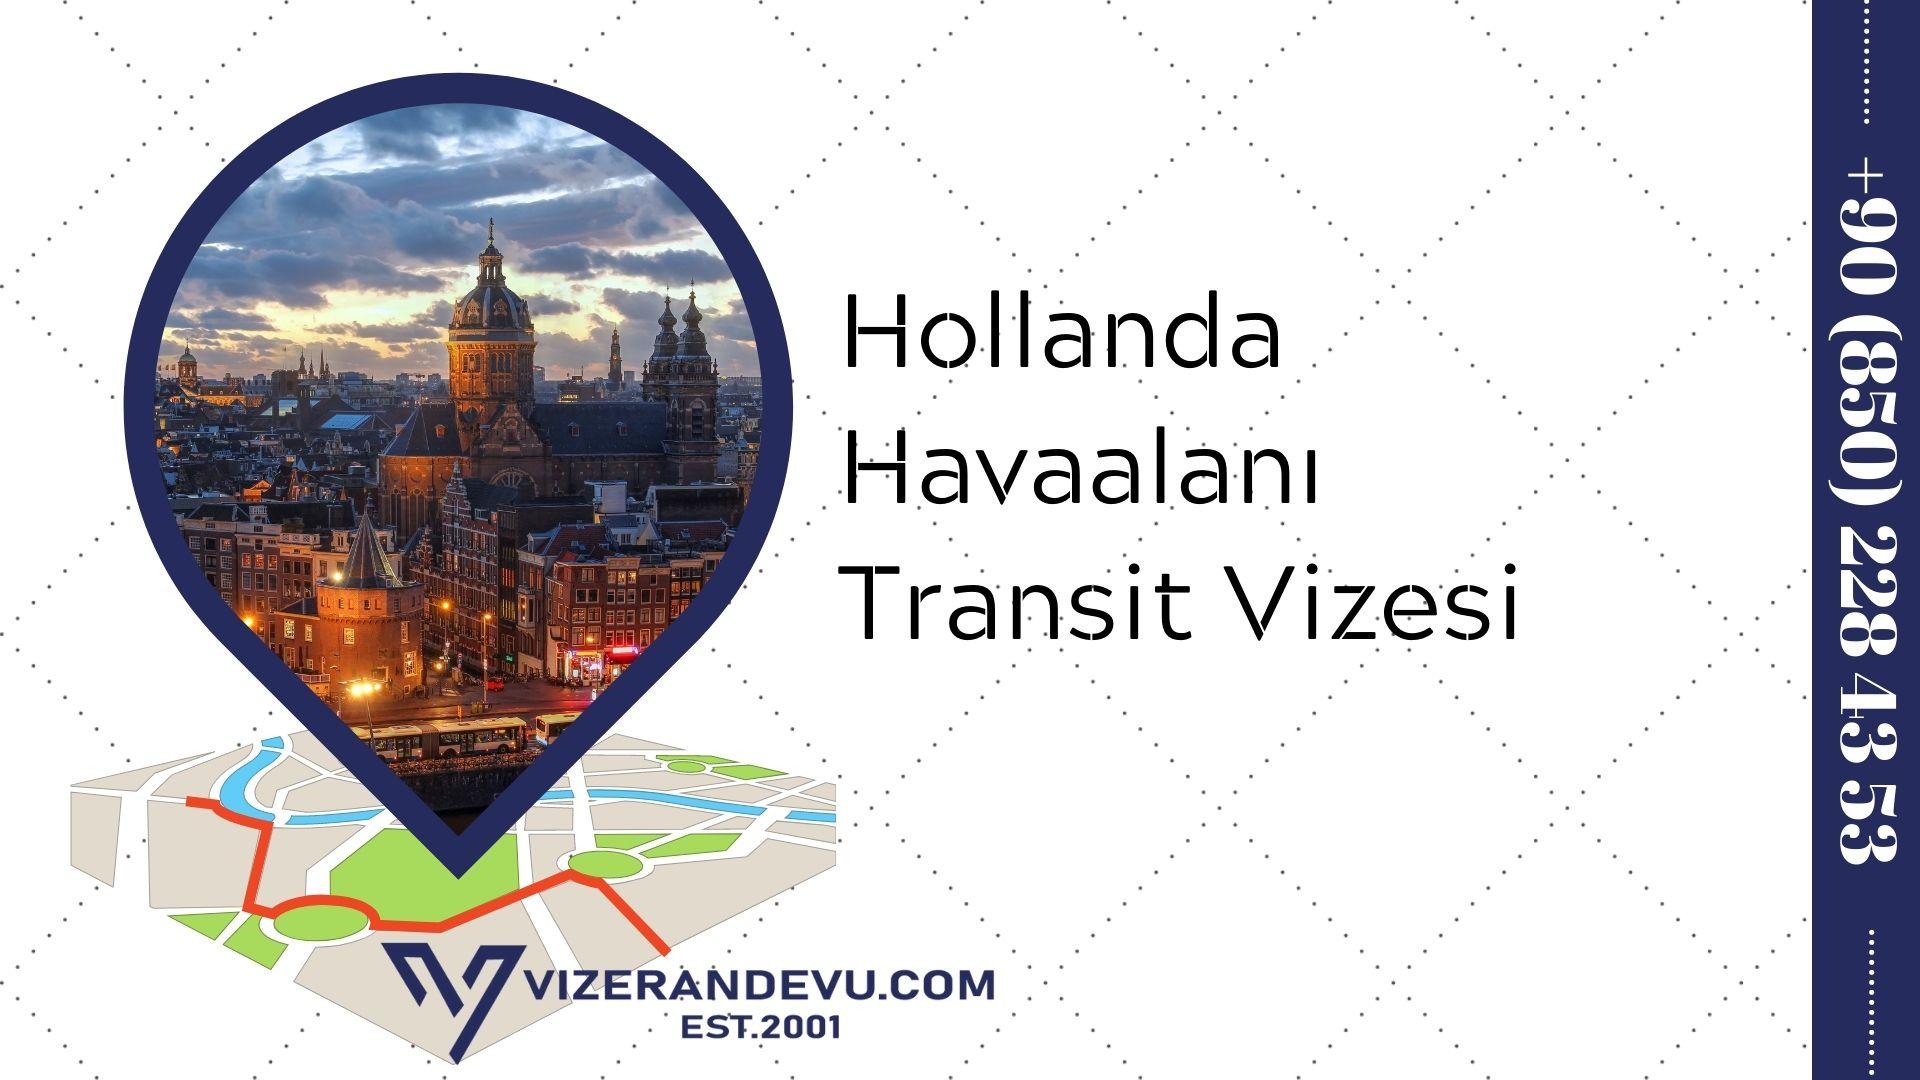 Hollanda Havaalanı Transit Vizesi